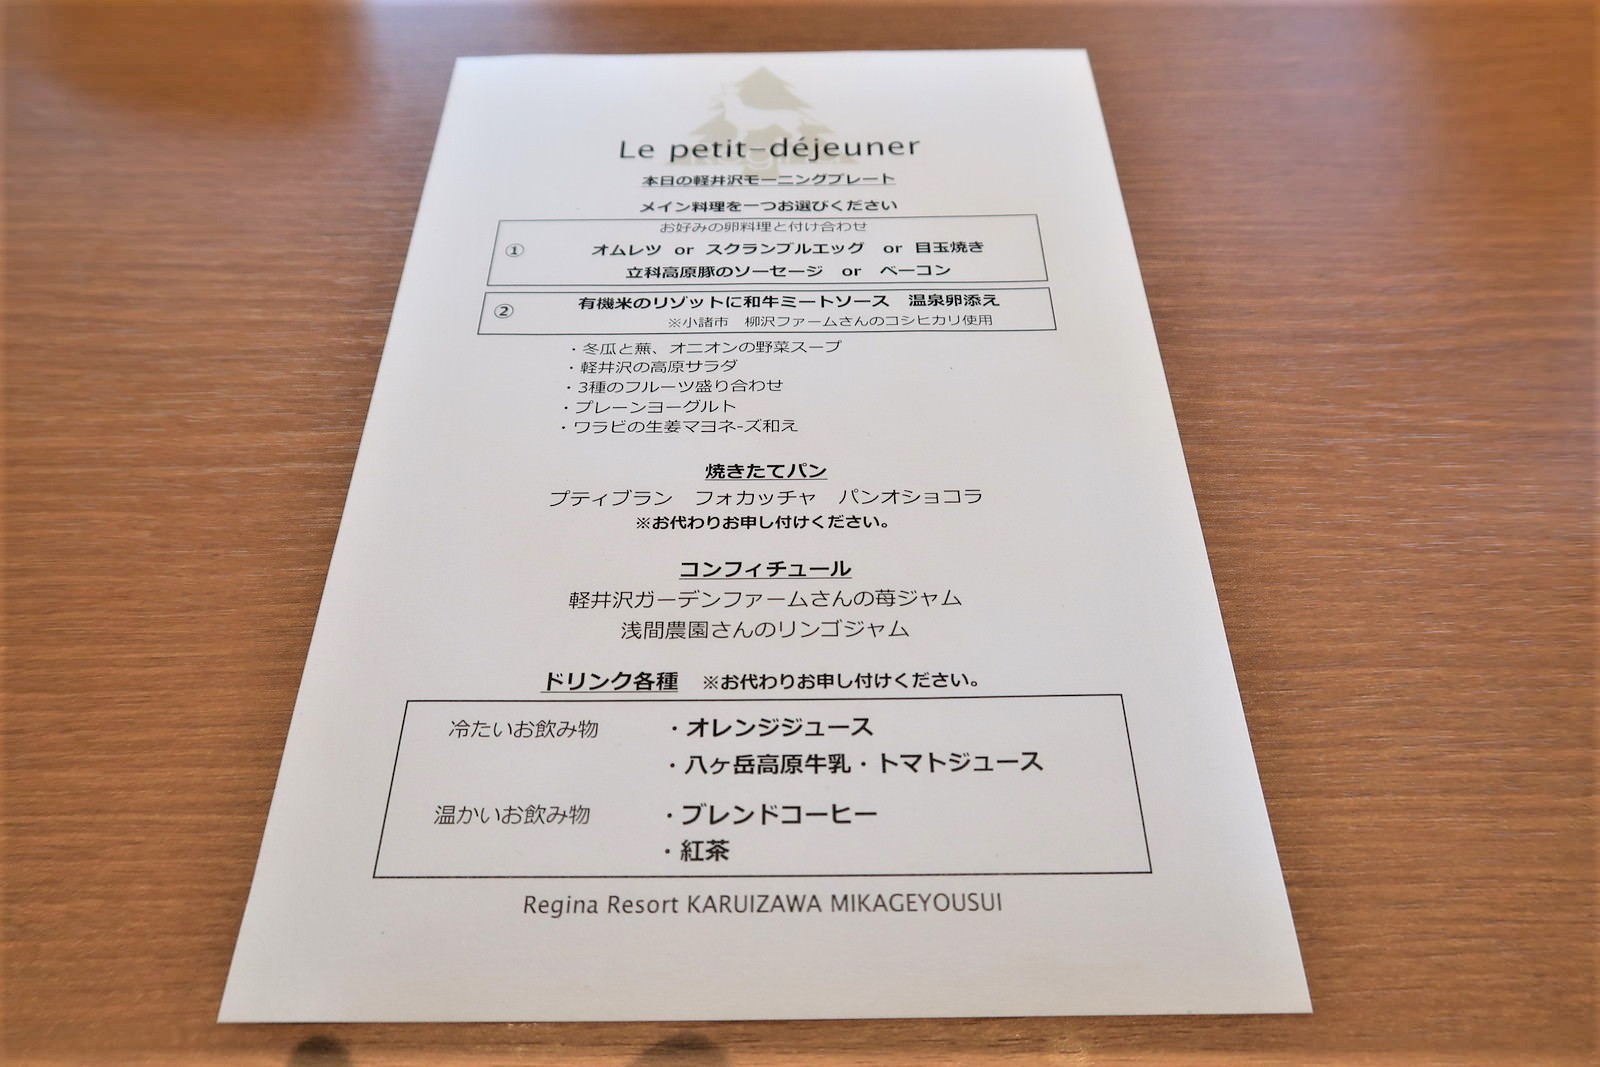 軽井沢モーニングプレートのメニュー